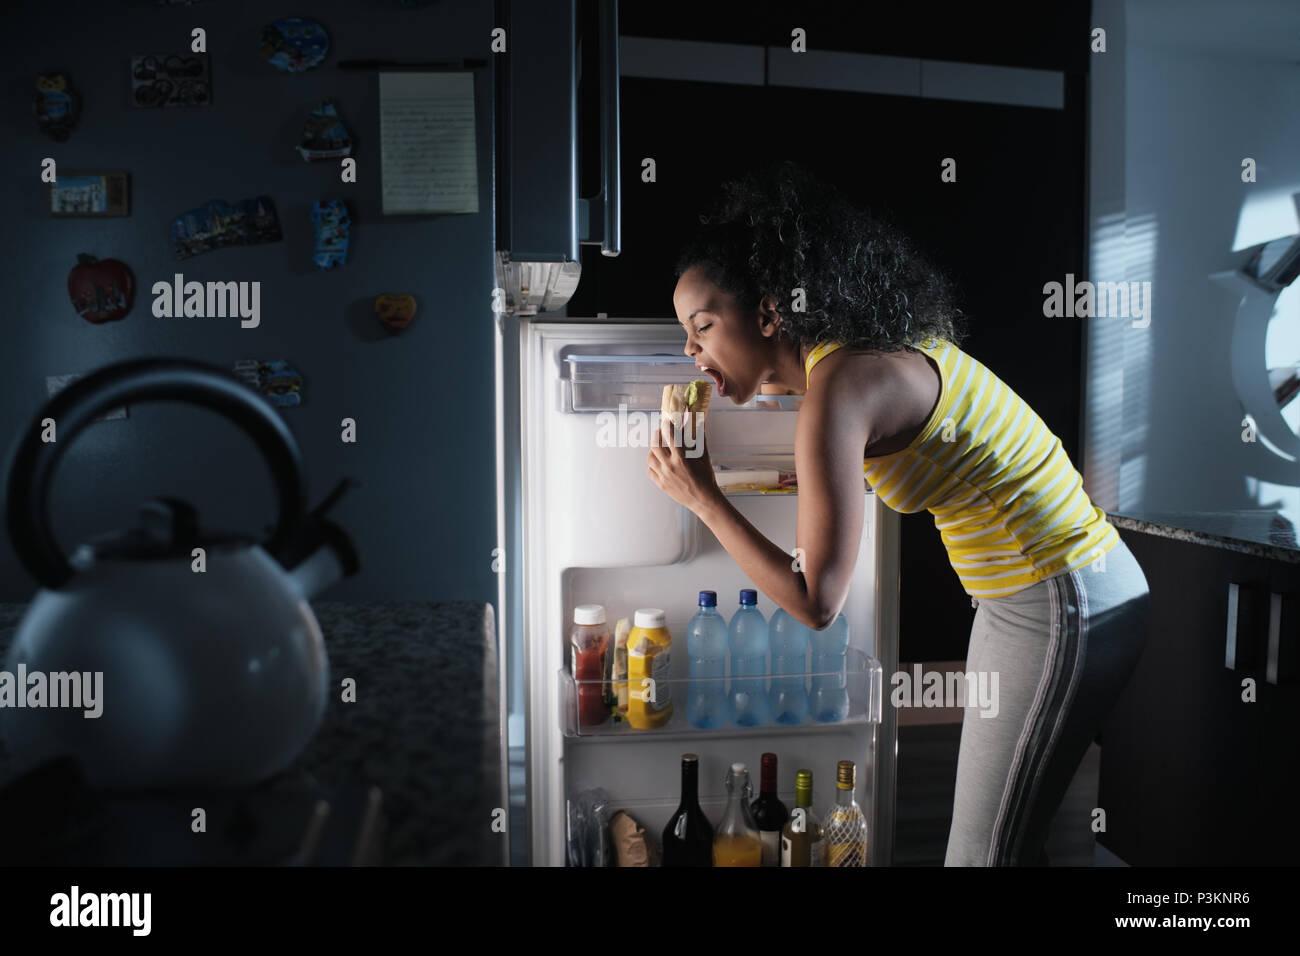 Amerikanischer Kühlschrank Bunt : Amerikanischer kühlschrank stockfotos amerikanischer kühlschrank